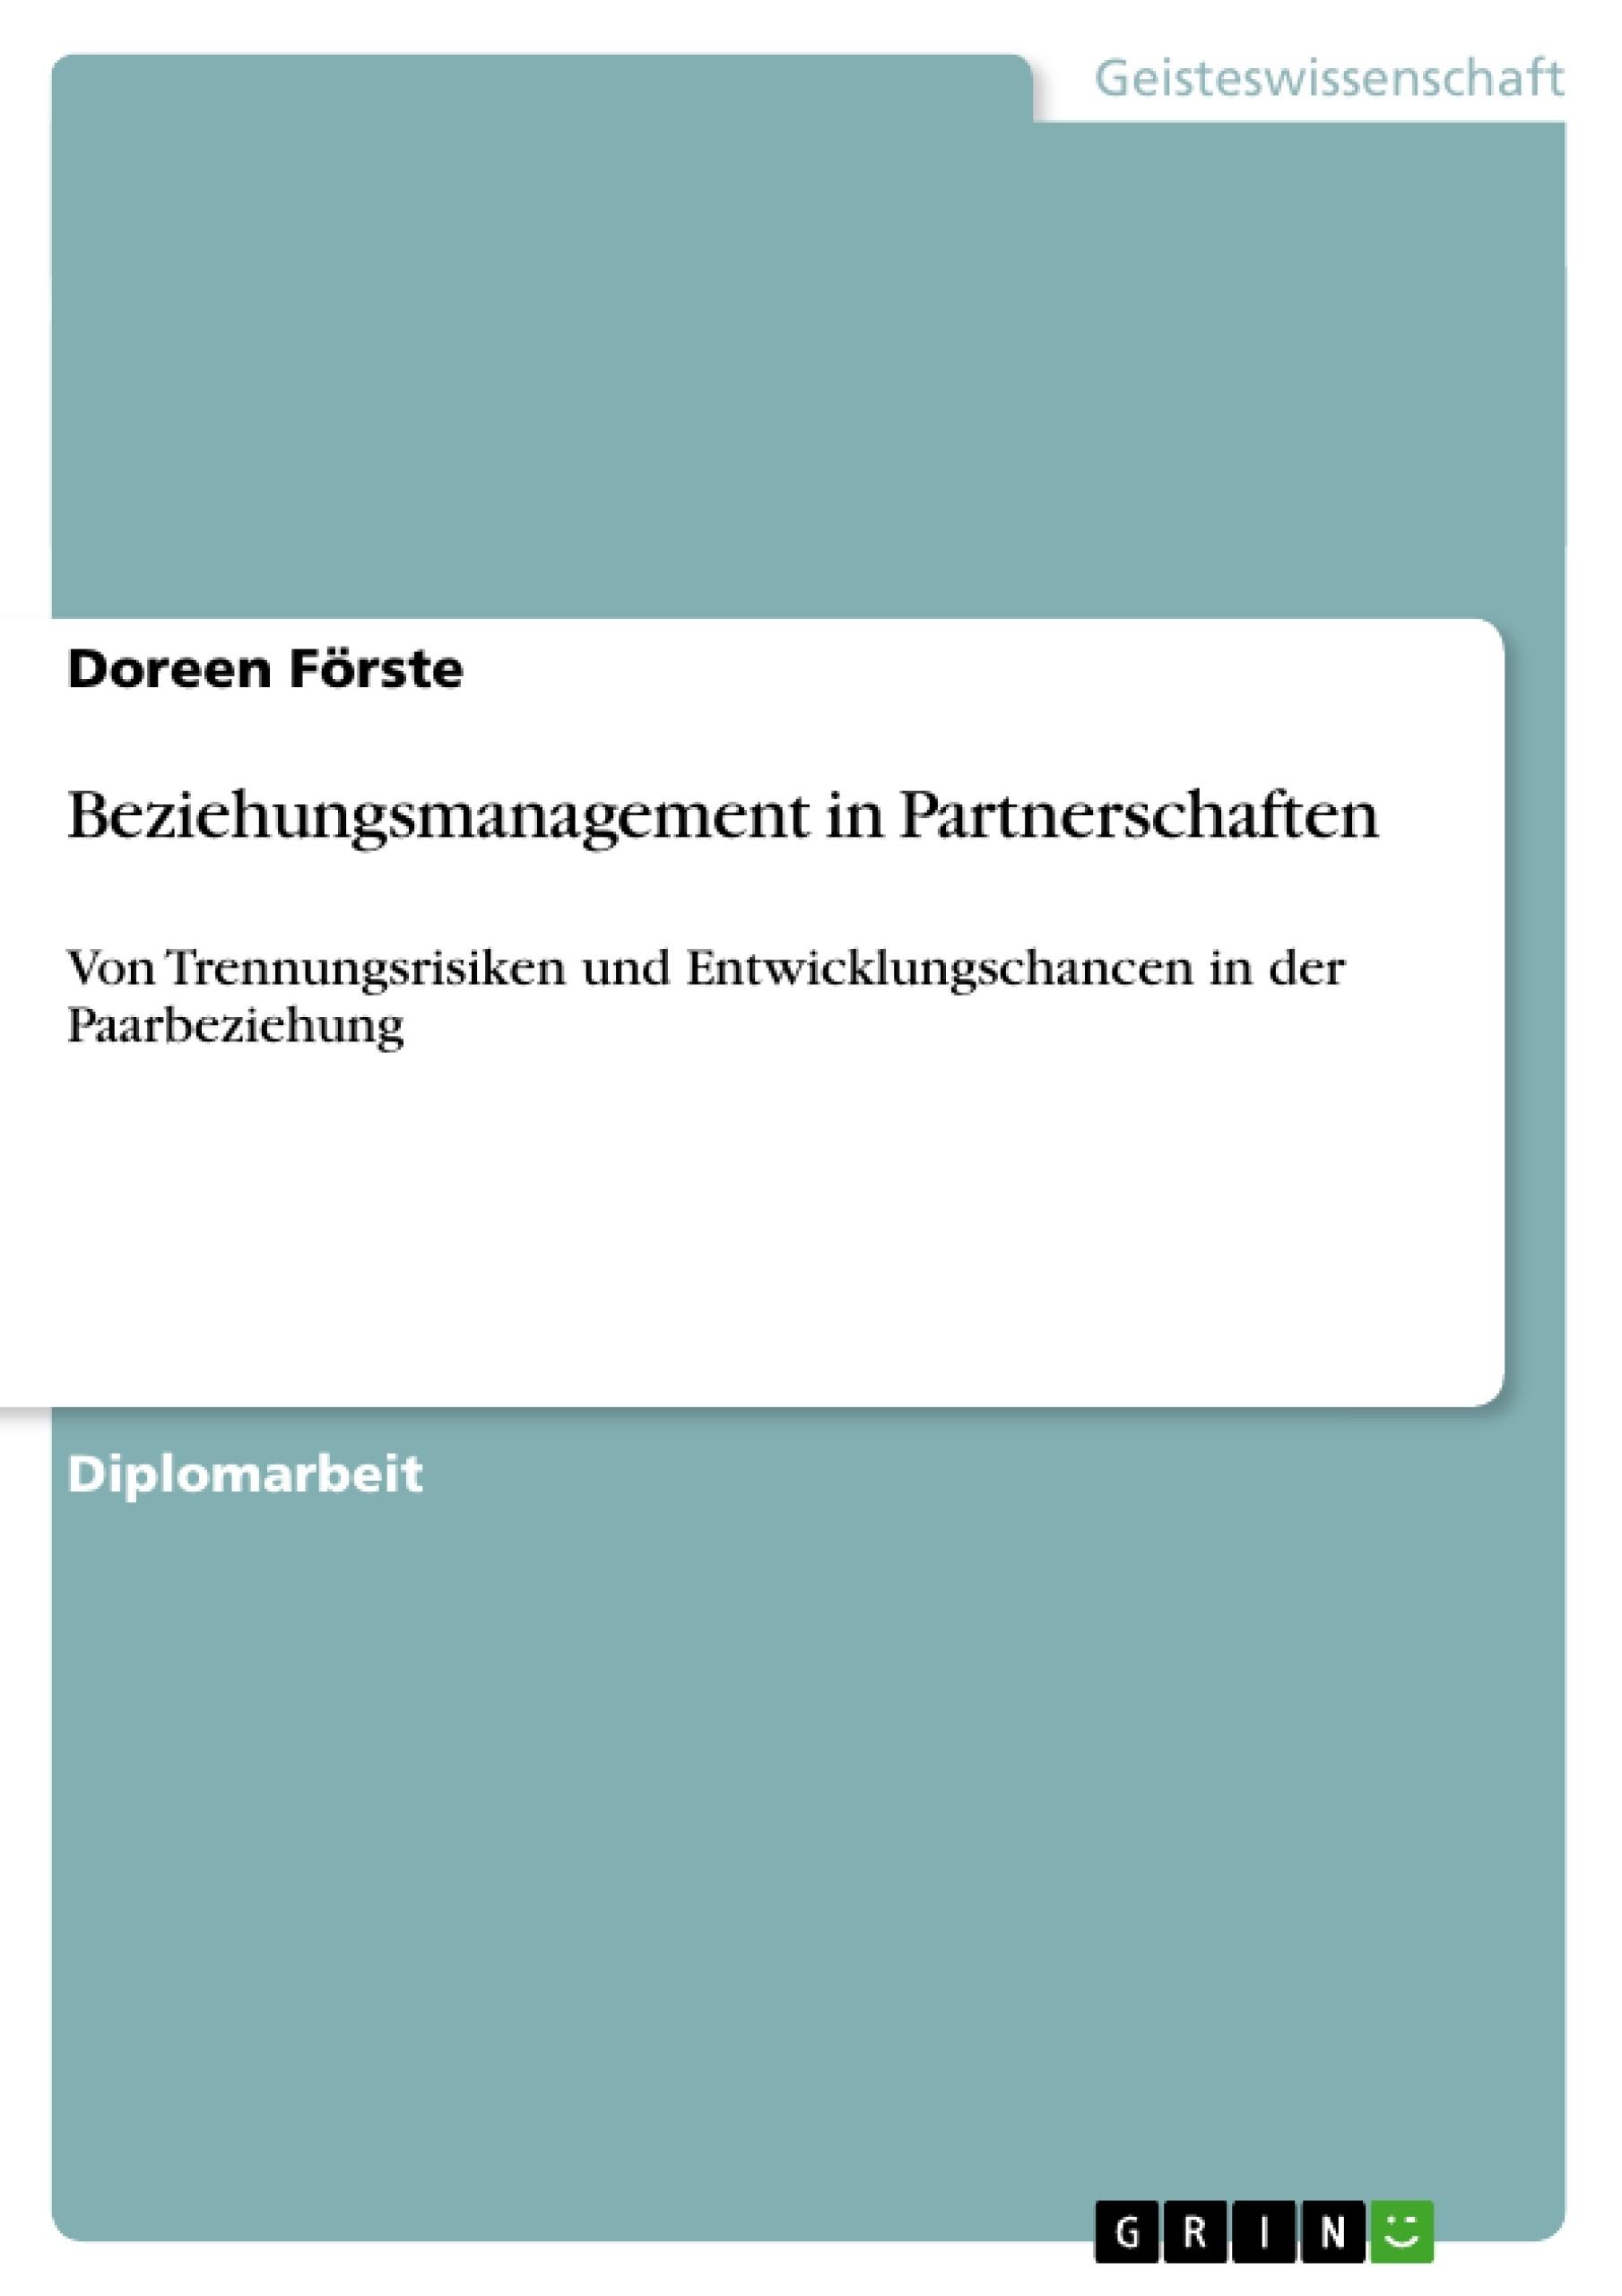 Titel: Beziehungsmanagement in Partnerschaften